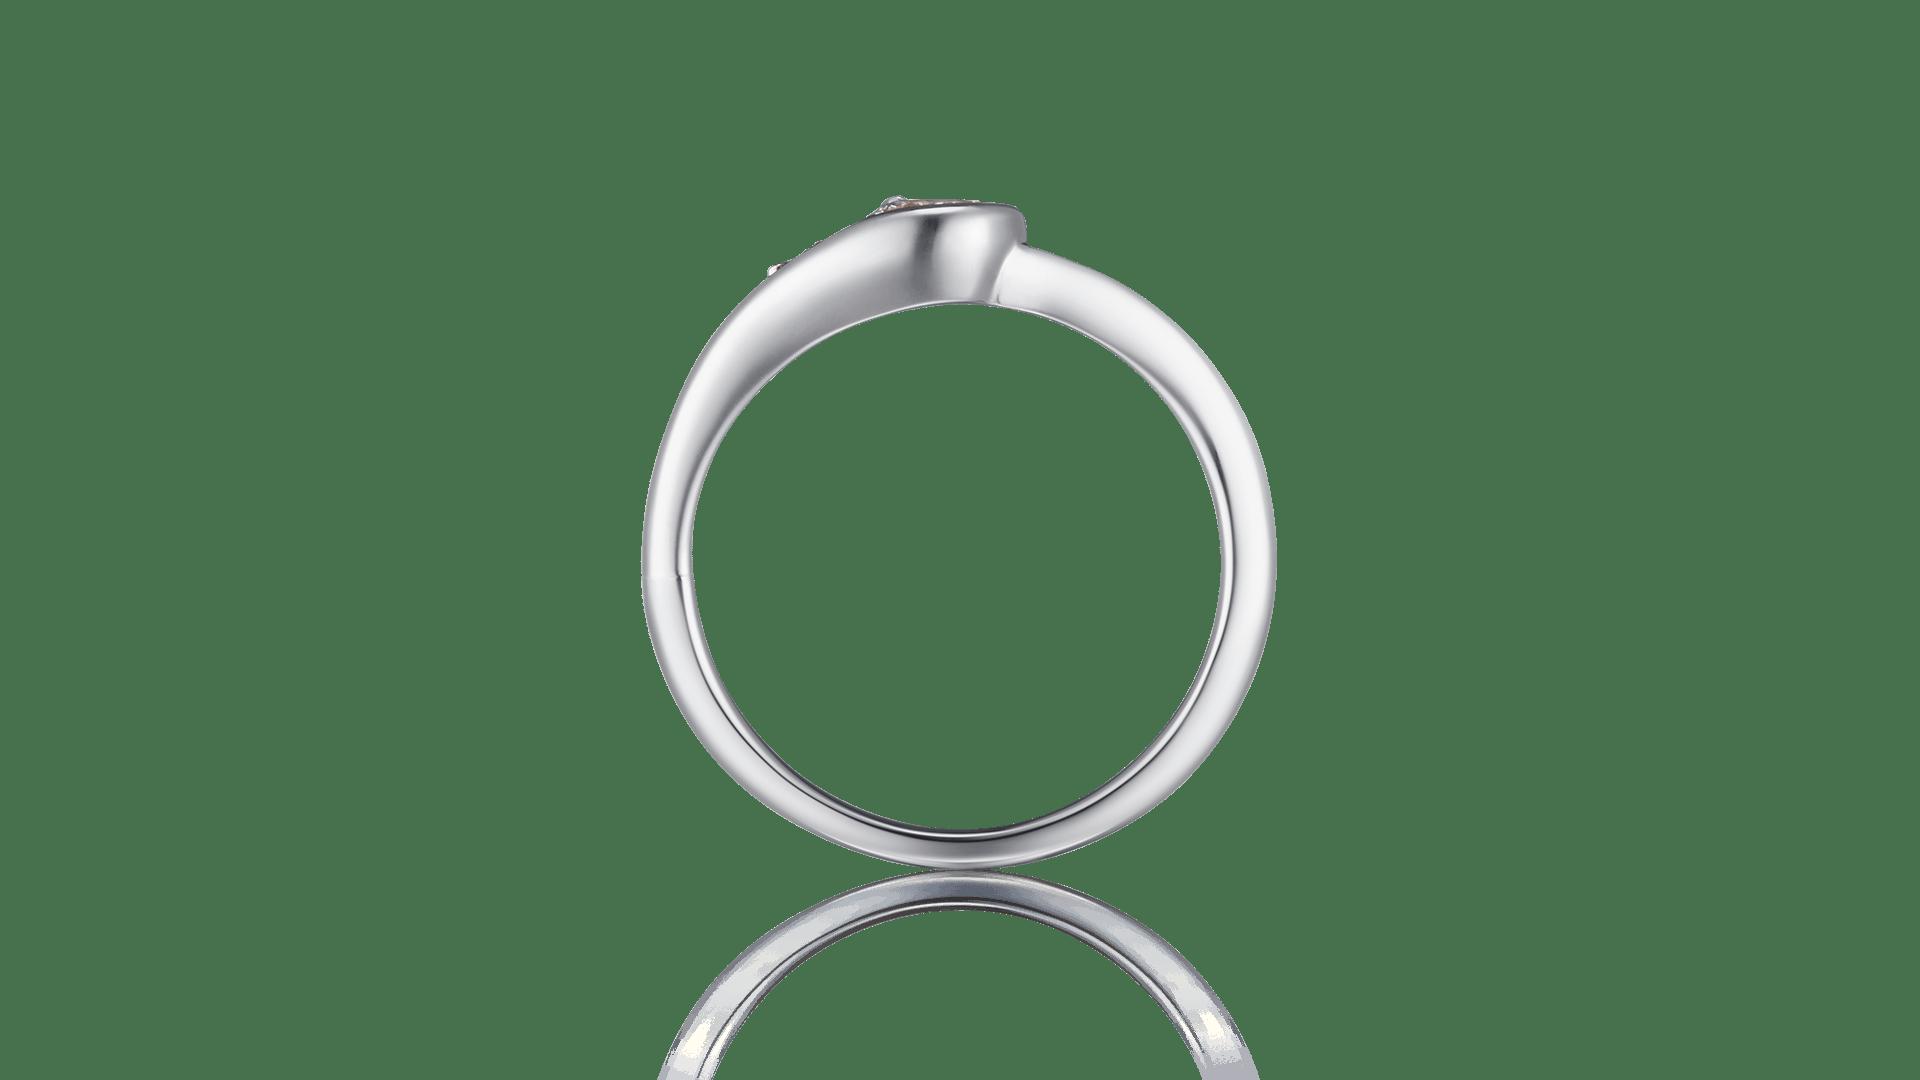 tucana トゥカーナ | 婚約指輪サムネイル 2